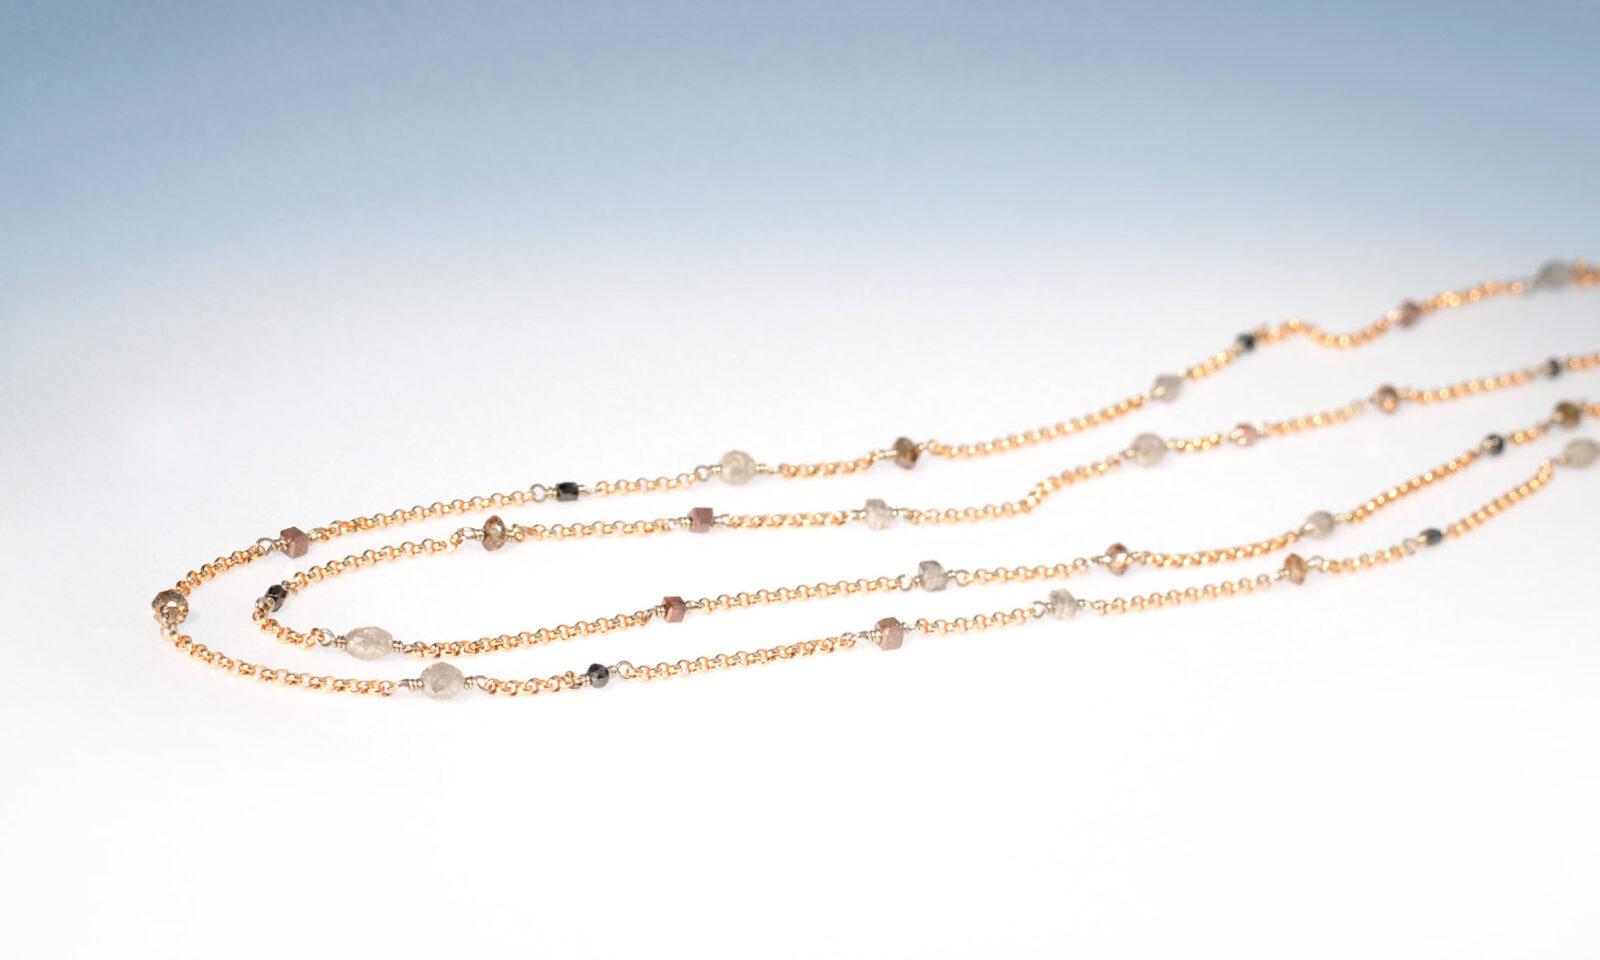 Diamkette rg wg farbig. Kette Rot-und Weissgold 750 mit naturfarbenen Diamanten d 1.5 - 2.5 mm, total 2.09 ct., Länge 46 cm, CHF 1900.-